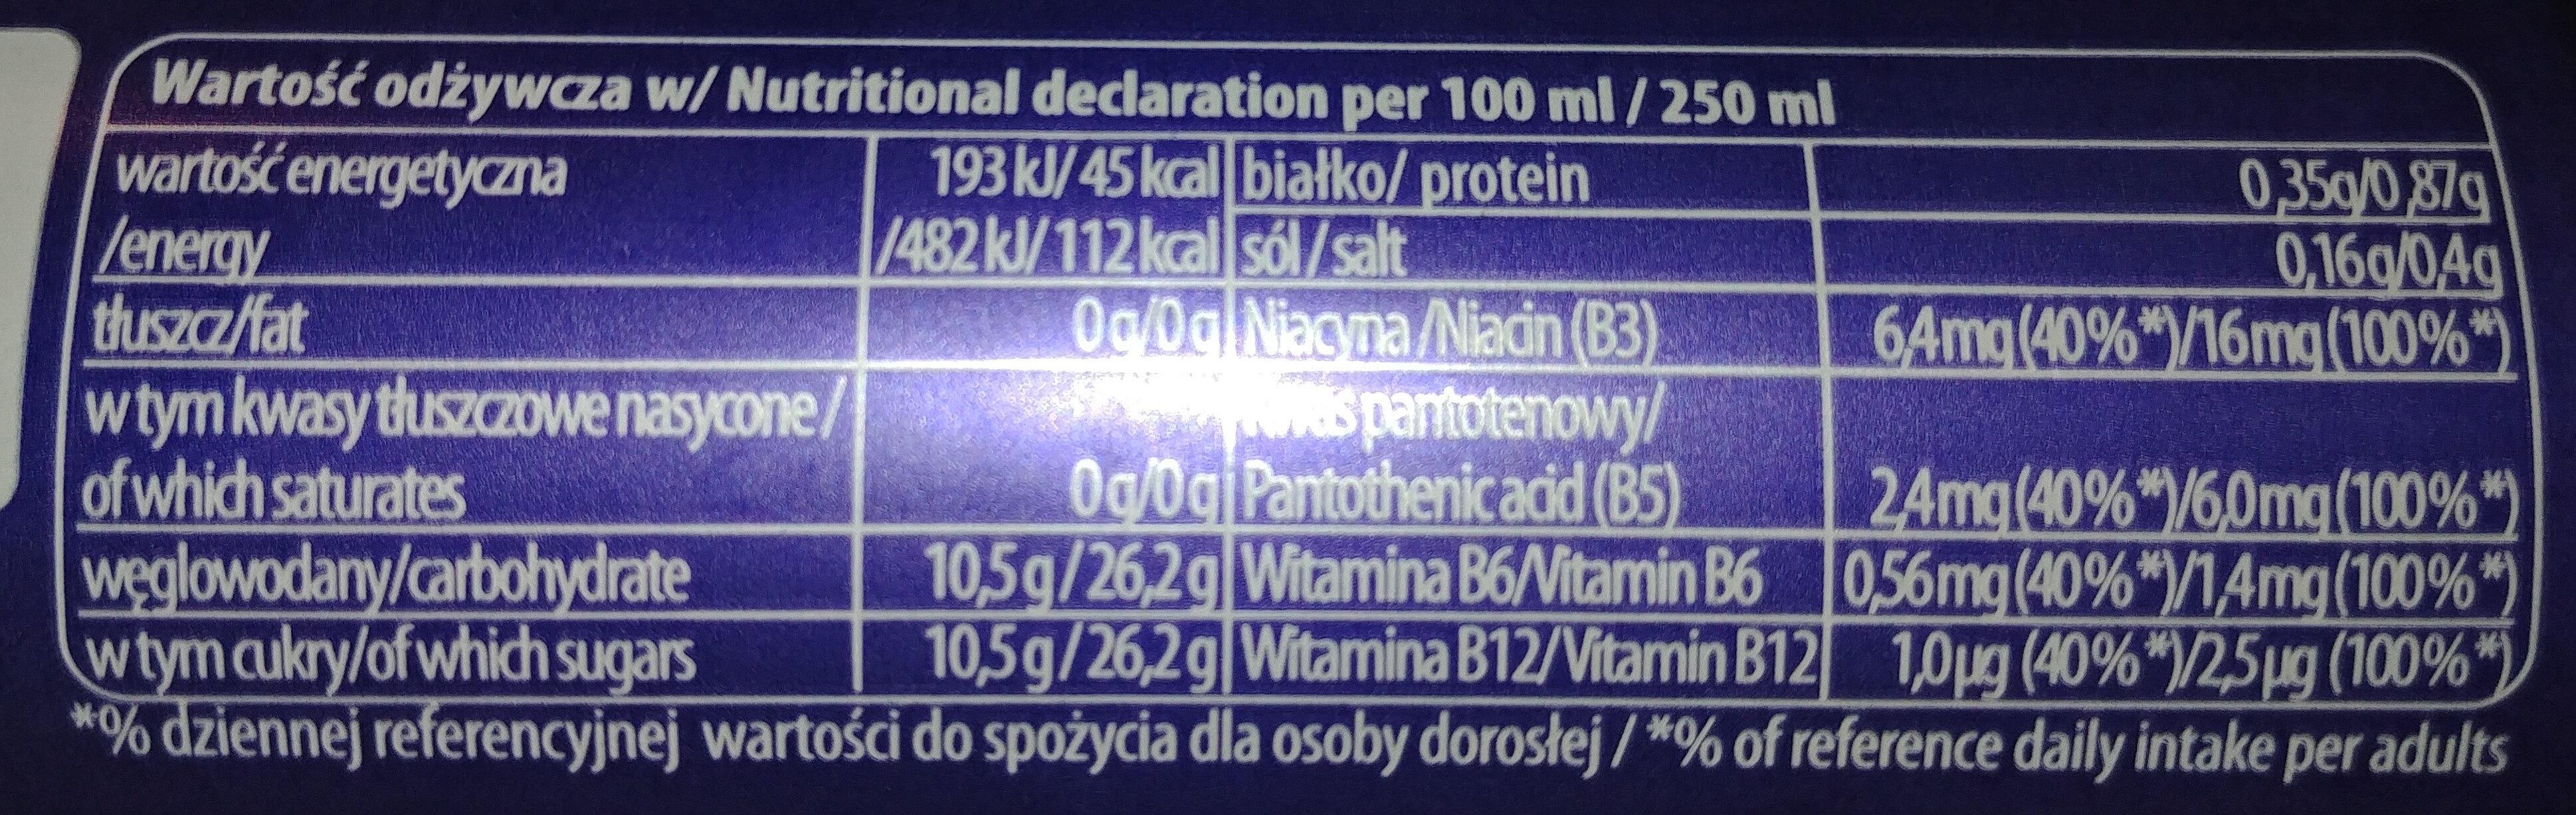 Gazowany napój energetyczny o smaku jagód acai-goji z dodatkiem witamin, kofeiny, tauryny, kombuchy. - Wartości odżywcze - pl